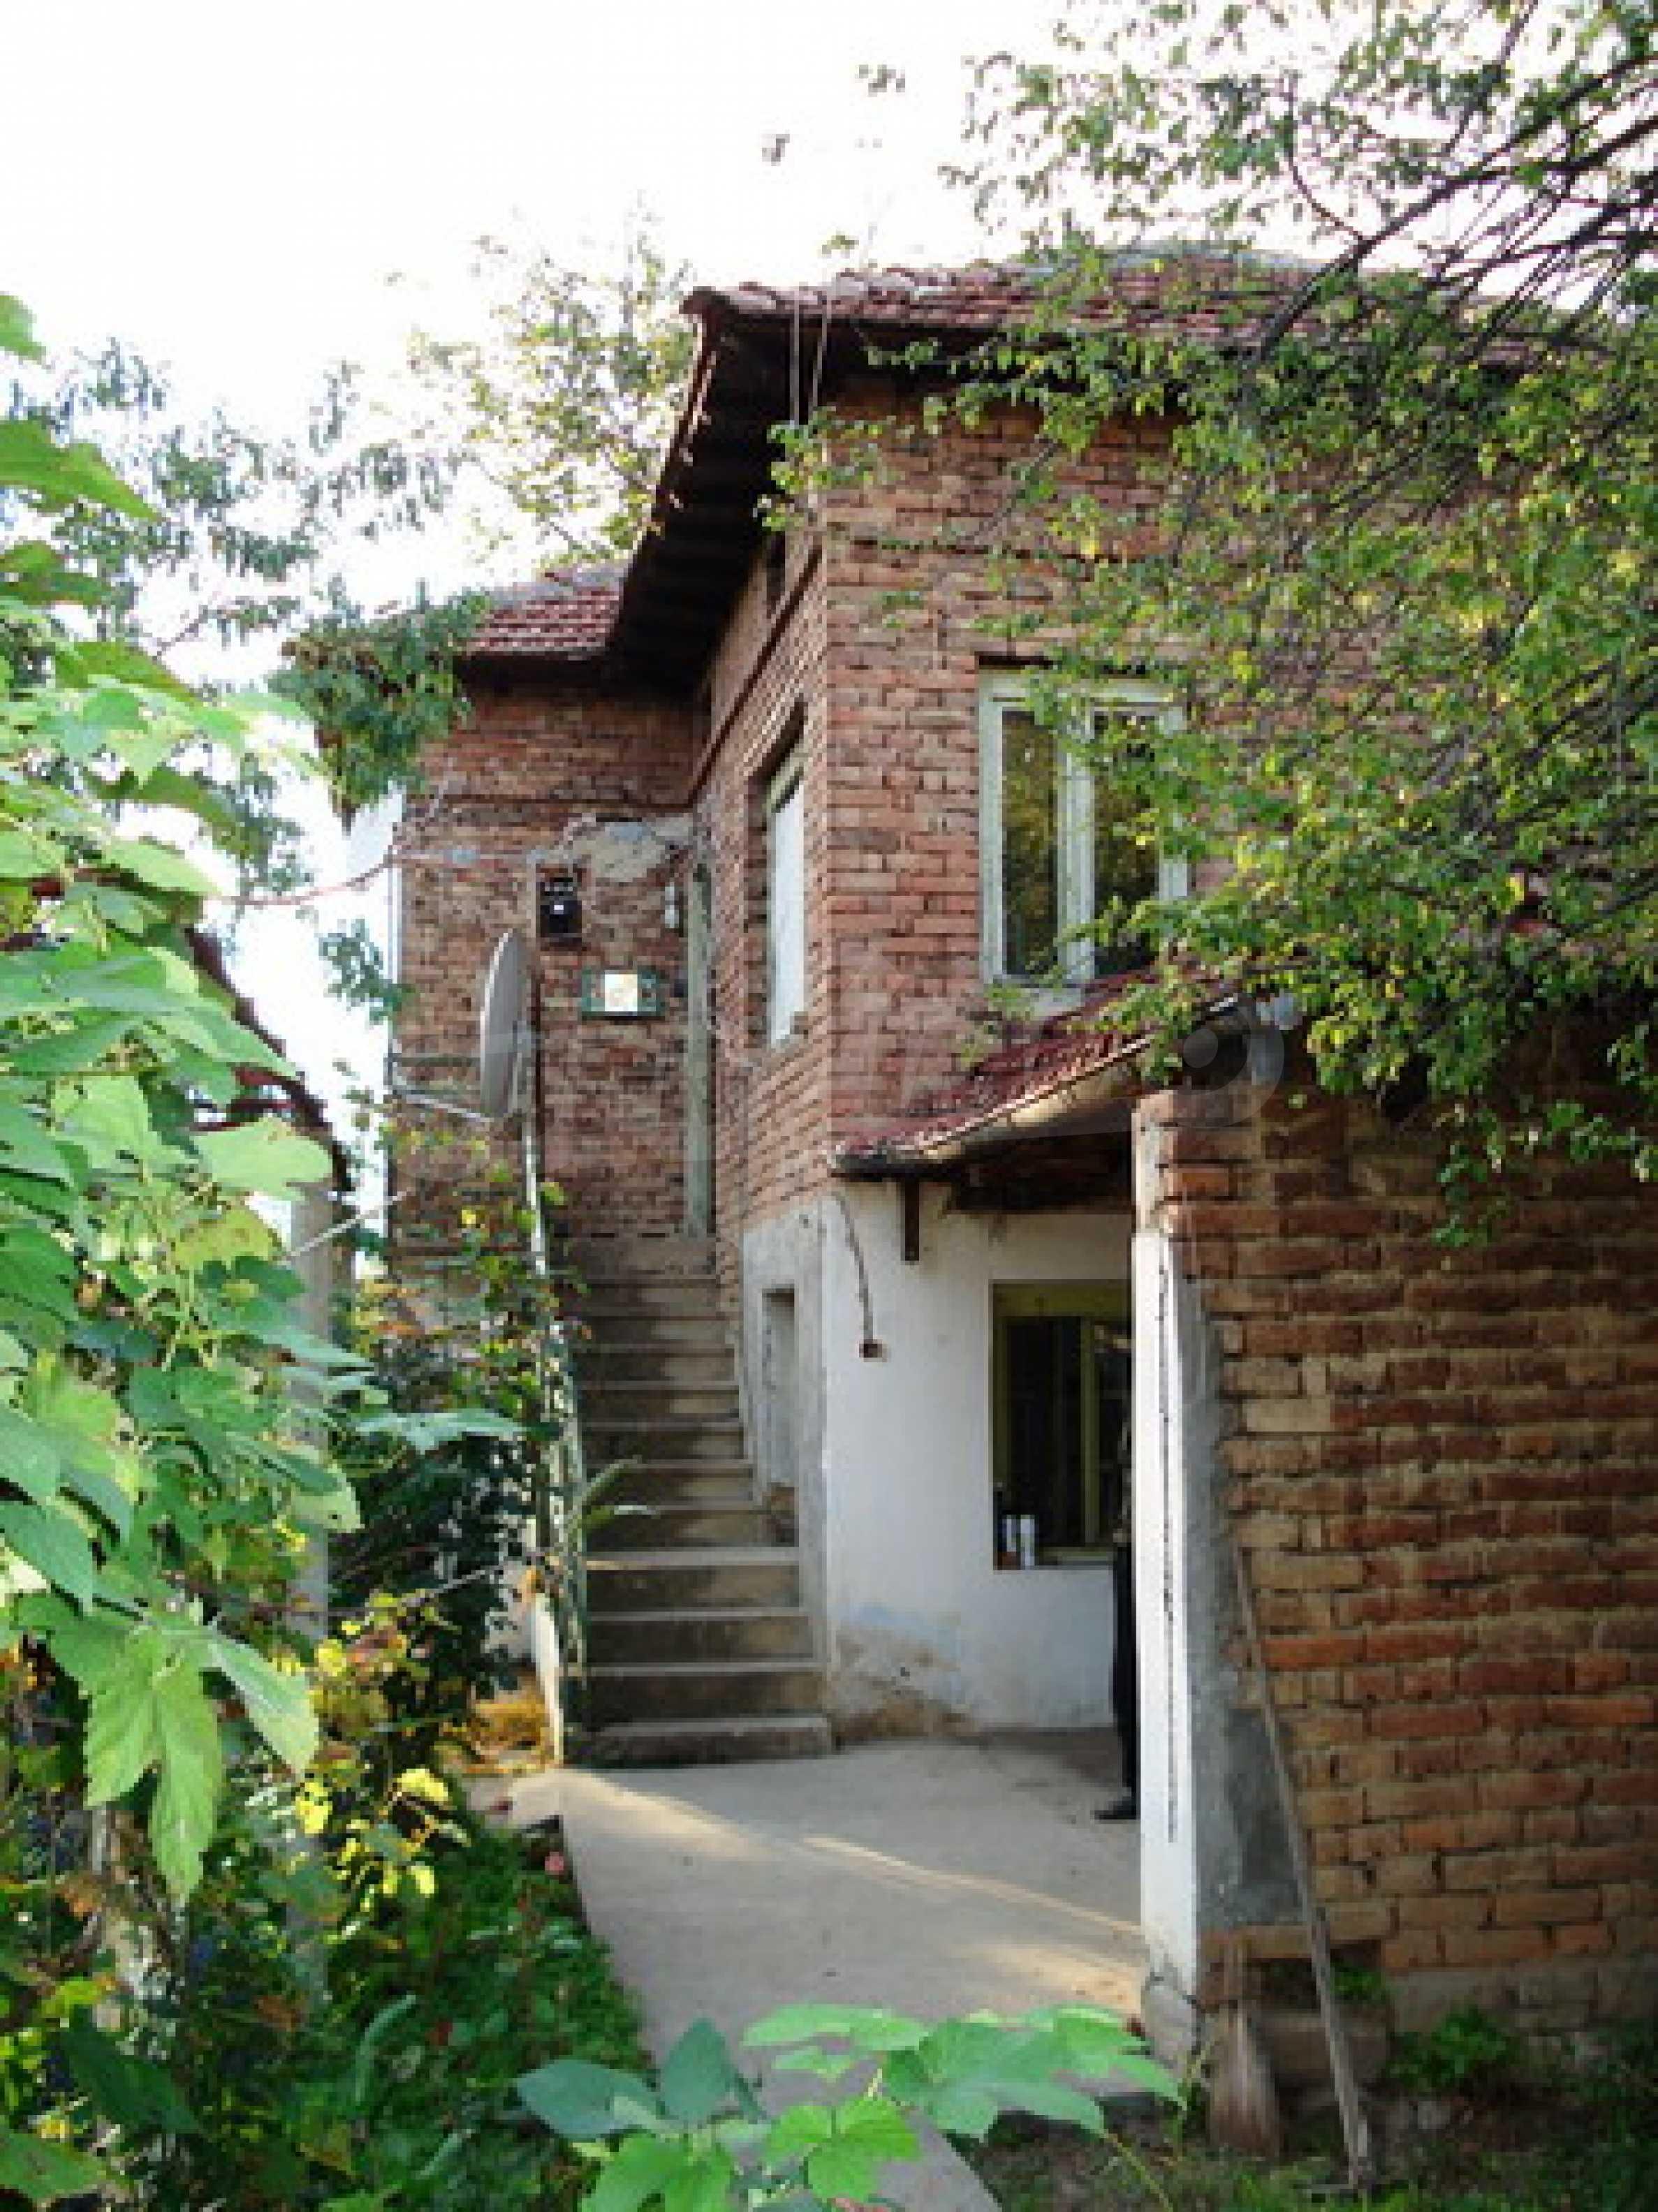 Brick-built village house 1